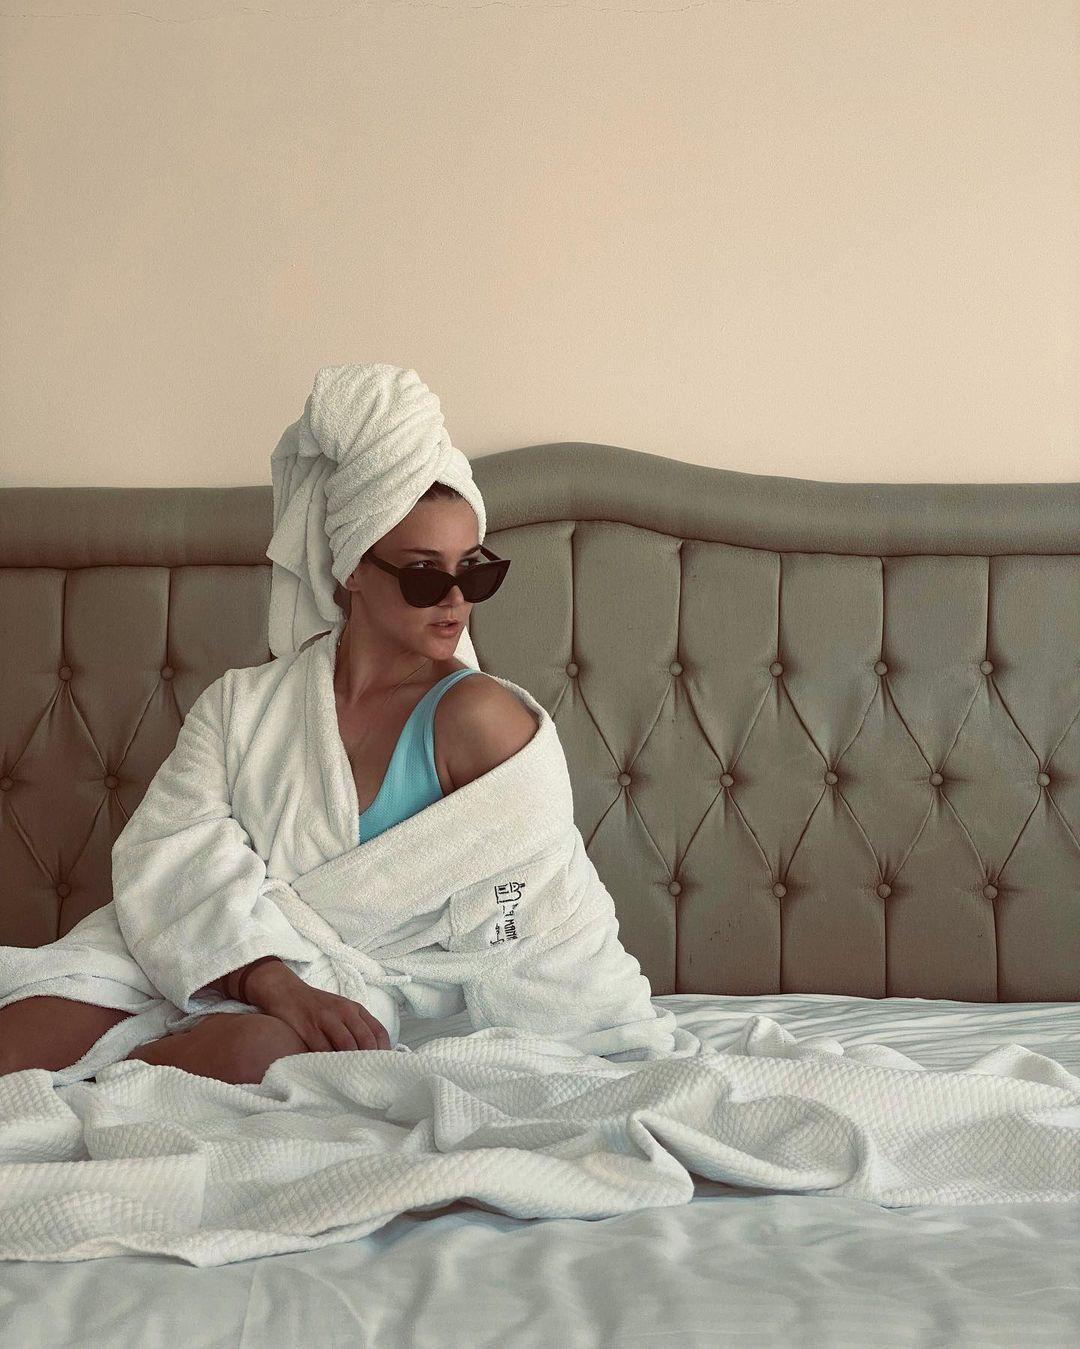 Otel odasından paylaştı! Survivor Nisa Bölükbaşı'nın bornozlu pozu ortalığı yıktı - Sayfa 1